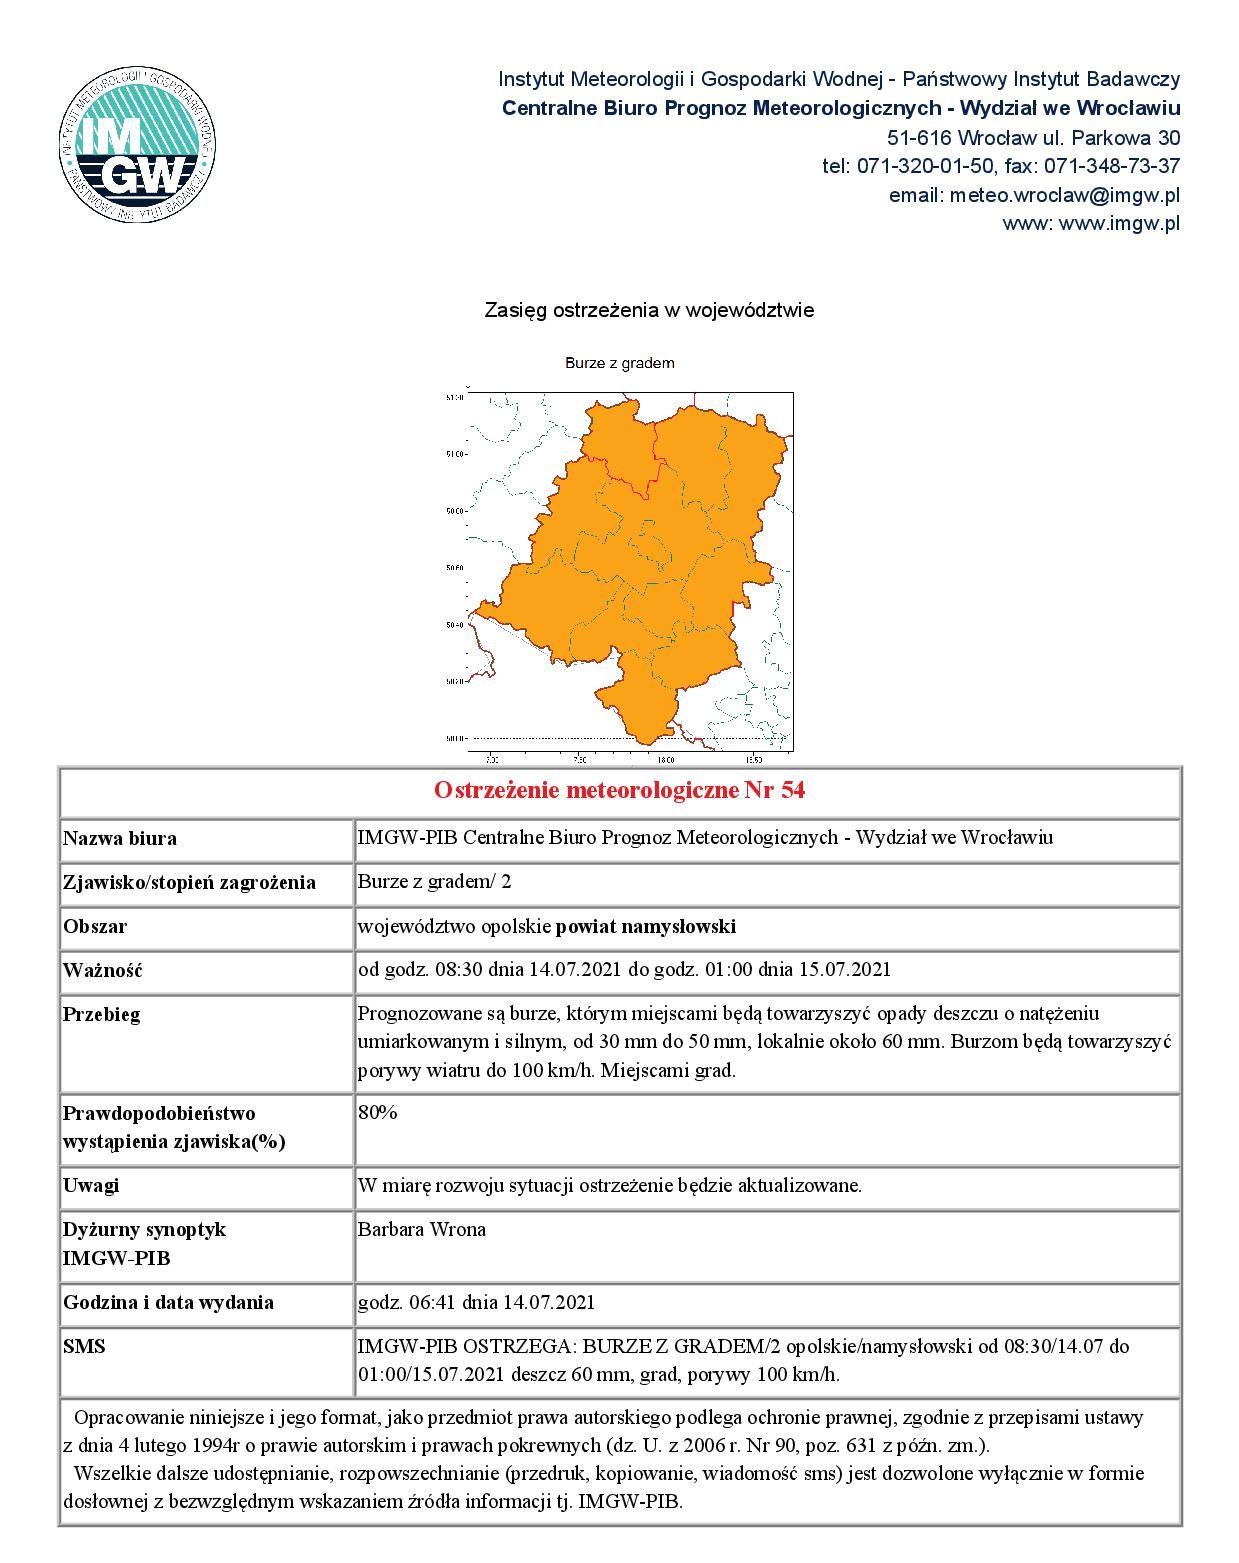 Ostrzezenie - powiat namyslowski 202107121034 - OPW_1606_UP_20210712102.._.jpeg